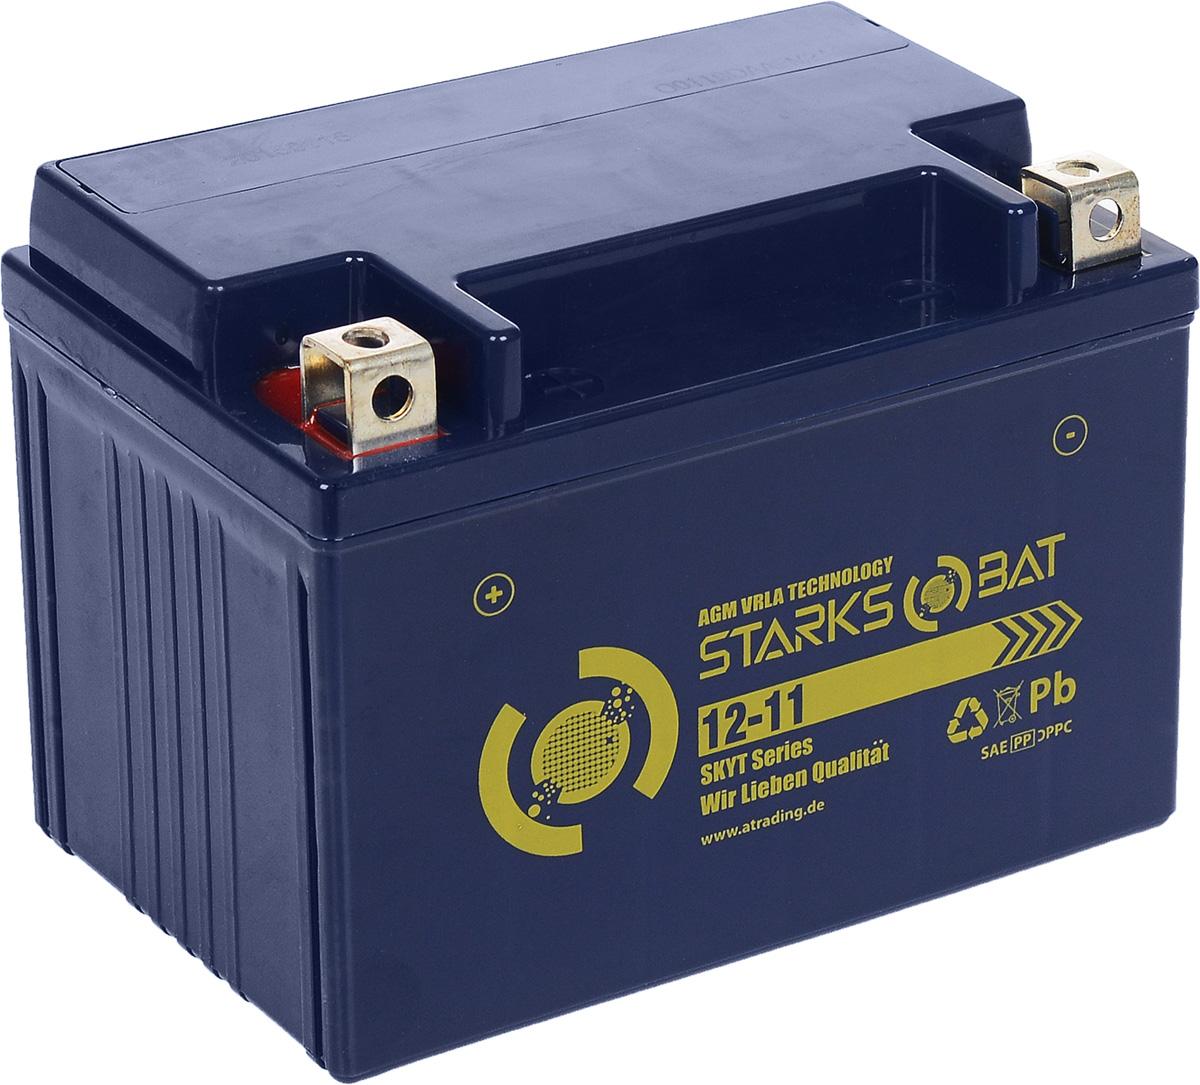 Батарея аккумуляторная для мотоциклов Starksbat. YT 12-11 (YTZ12S)YT 12-11Аккумулятор Starksbat изготовлен по технологии AGM, обеспечивающей повышенный уровень безопасности батареи и удобство ее эксплуатации. Корпус выполнен из особо ударопрочного и морозостойкого полипропилена. Аккумулятор блестяще доказал свои высокие эксплуатационные свойства в самых экстремальных условиях бездорожья, высоких и низких температур. Аккумуляторная батарея Starksbat производится под знаменитым немецким контролем качества, что обеспечивает ему высокие пусковые характеристики и восстановление емкости даже после глубокого разряда. Напряжение: 12 В. Емкость: 11 Ач. Полярность: прямая (+ -). Ток холодной прокрутки: 137 Аh (EN).